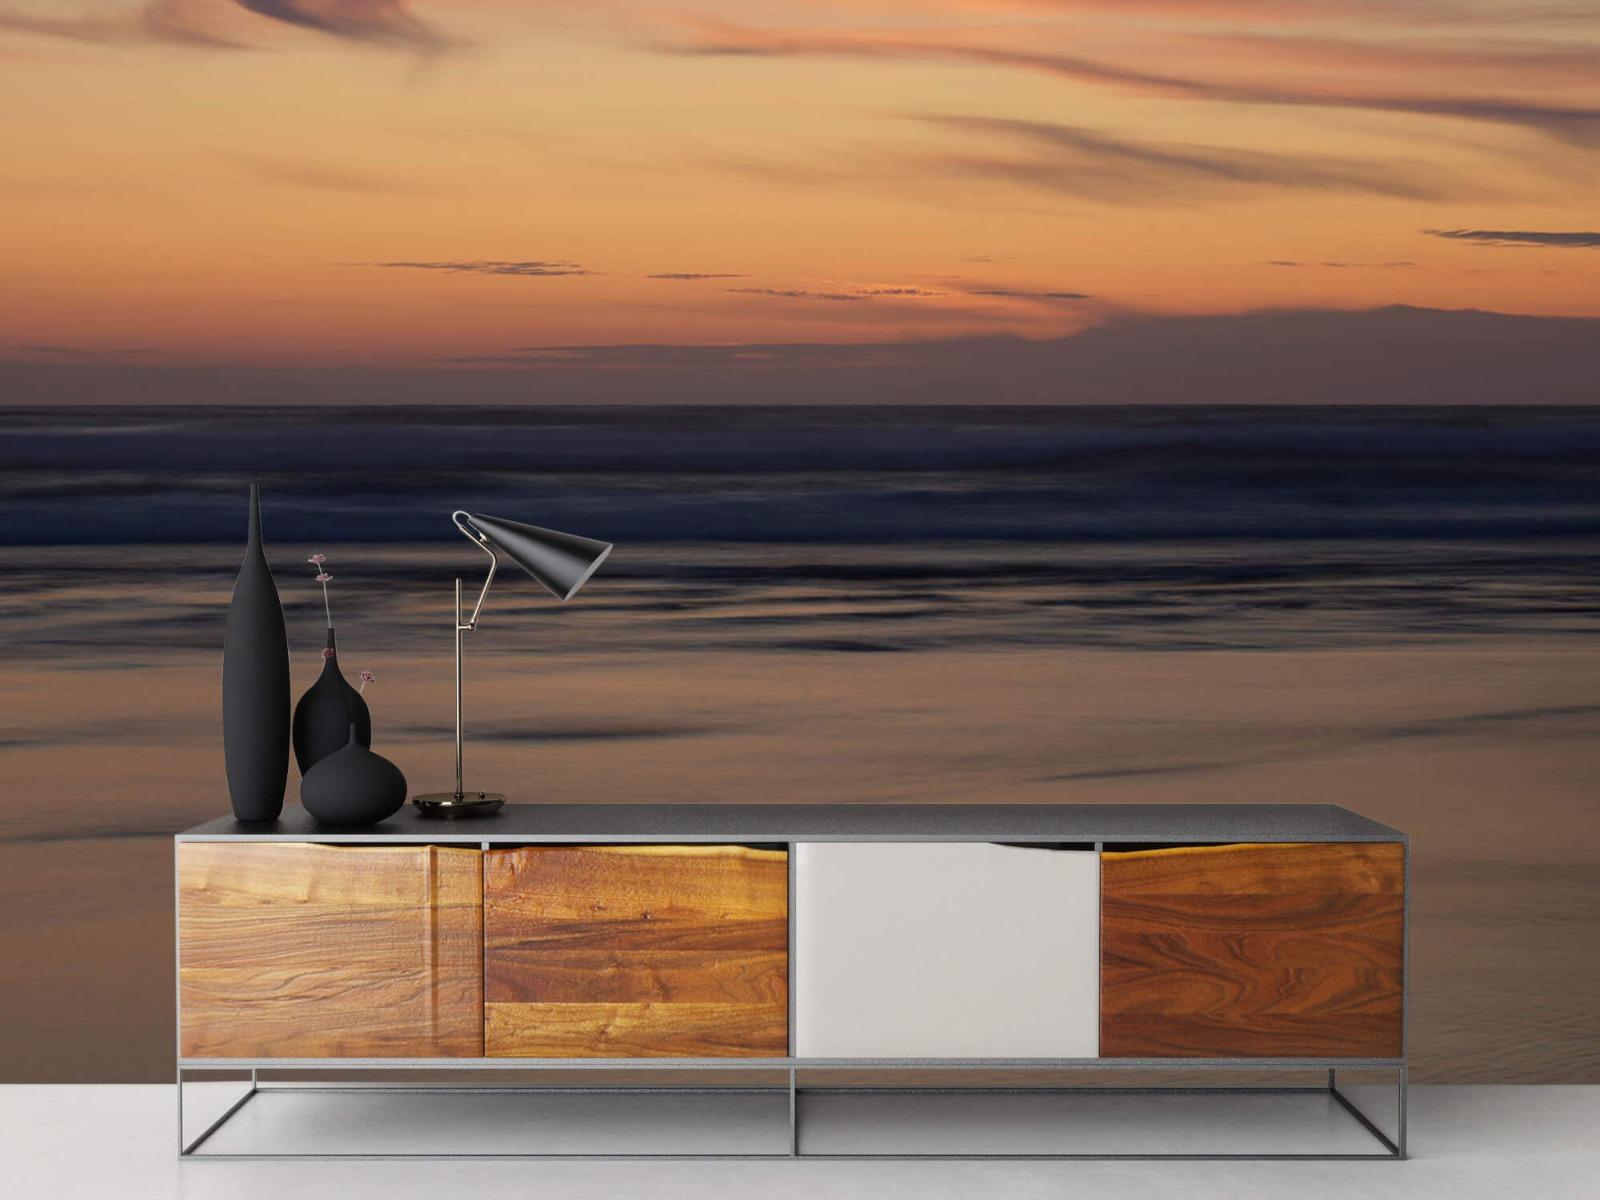 Zeeën en Oceanen - Zonsondergang aan de kust - Slaapkamer 16